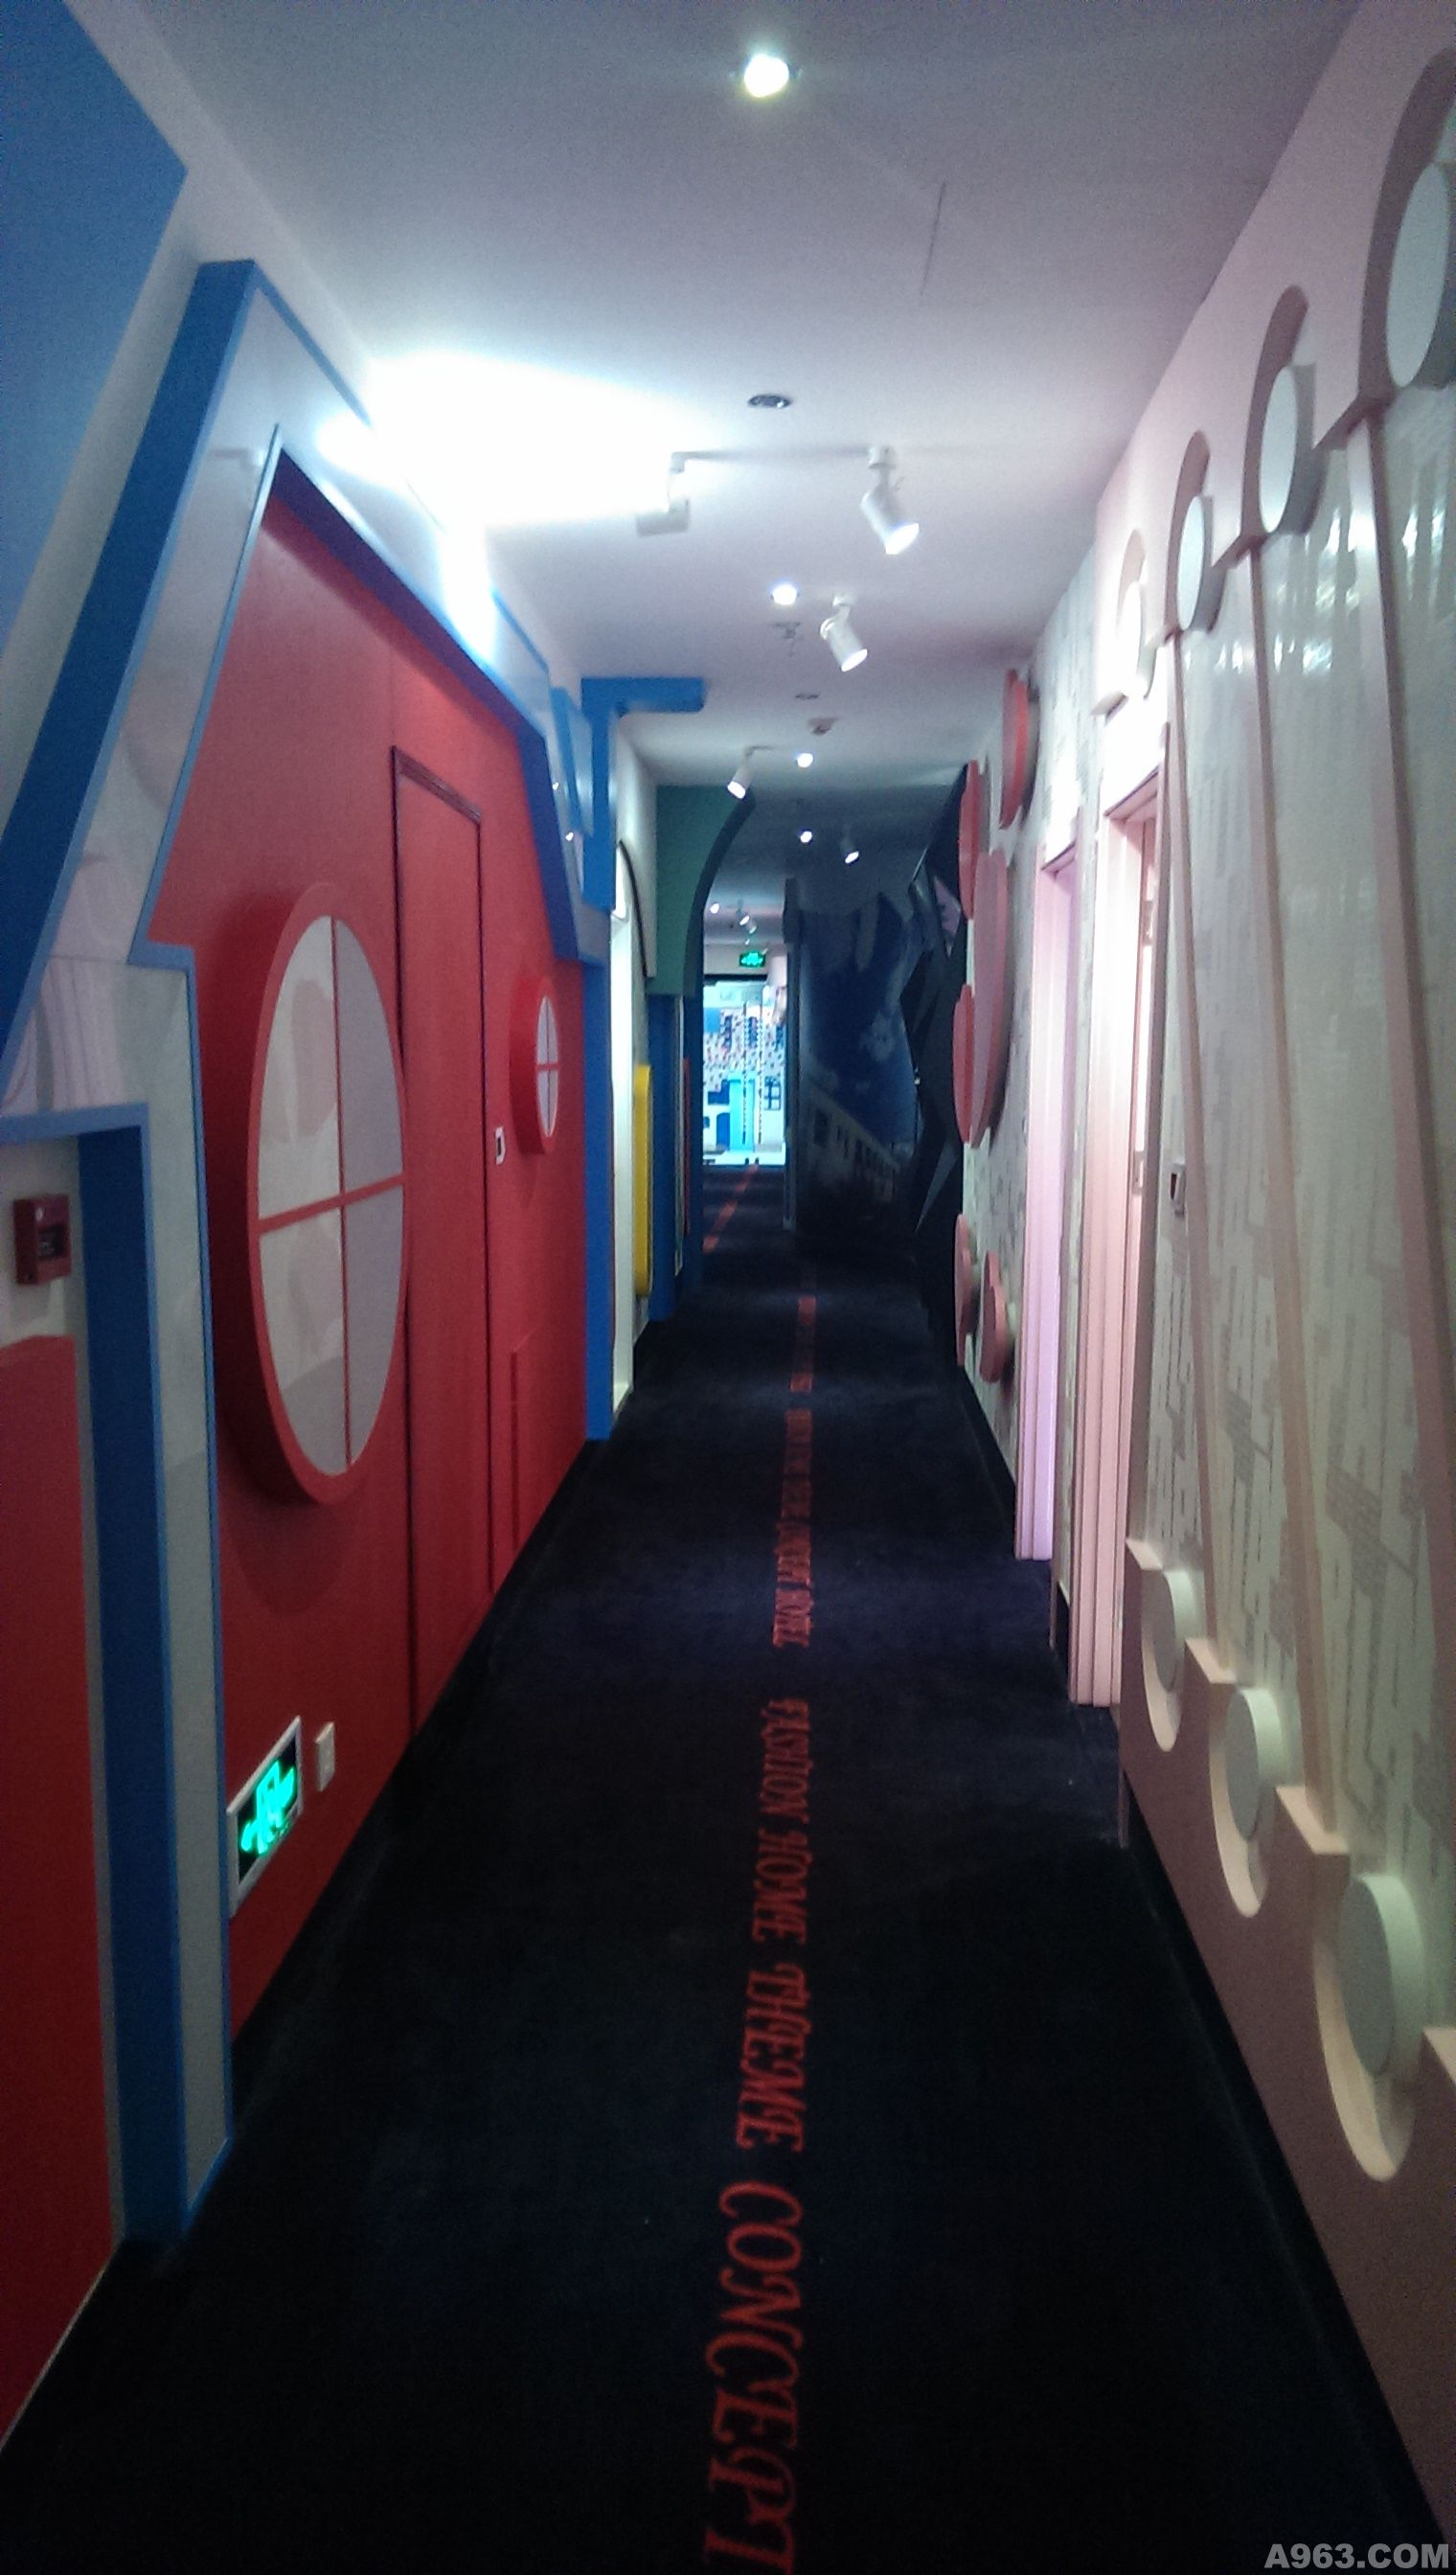 北京爱舍空间主题概念酒店(三里屯soho店) - 酒店设计